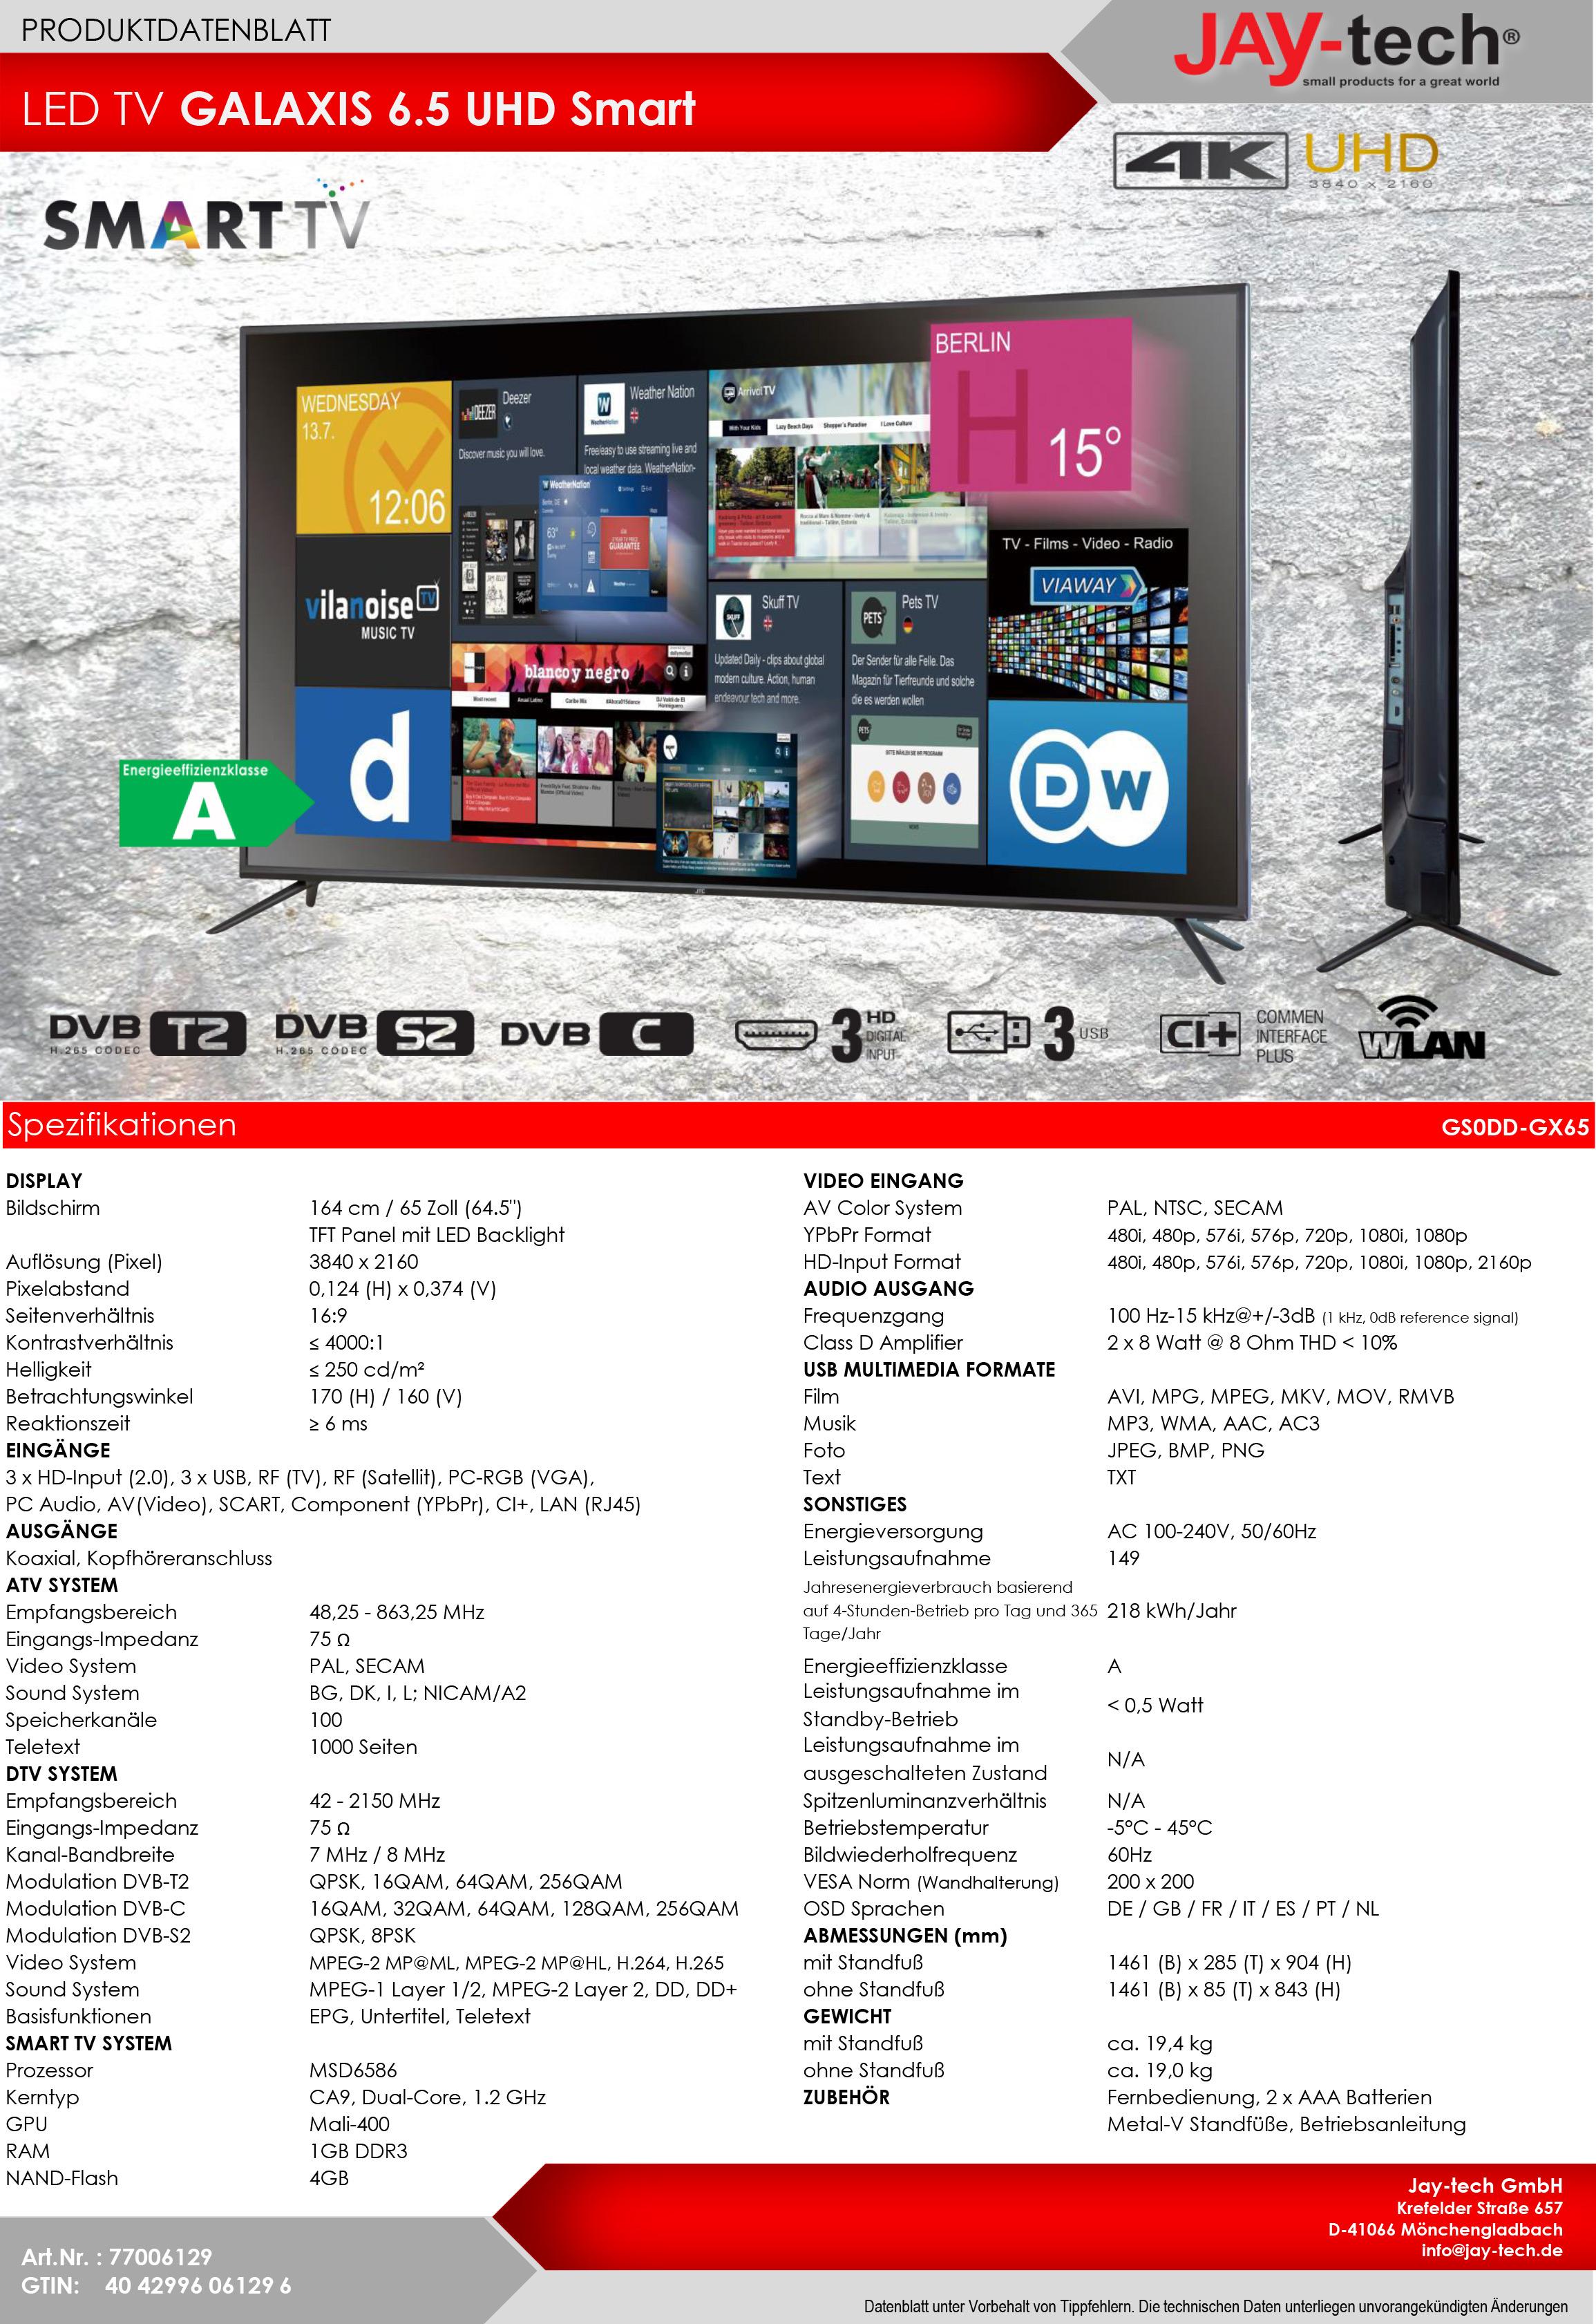 [Lidl.de] JTC GALAXIS 6.5 UHD 4K Fernseher, 65 Zoll, Smart TV